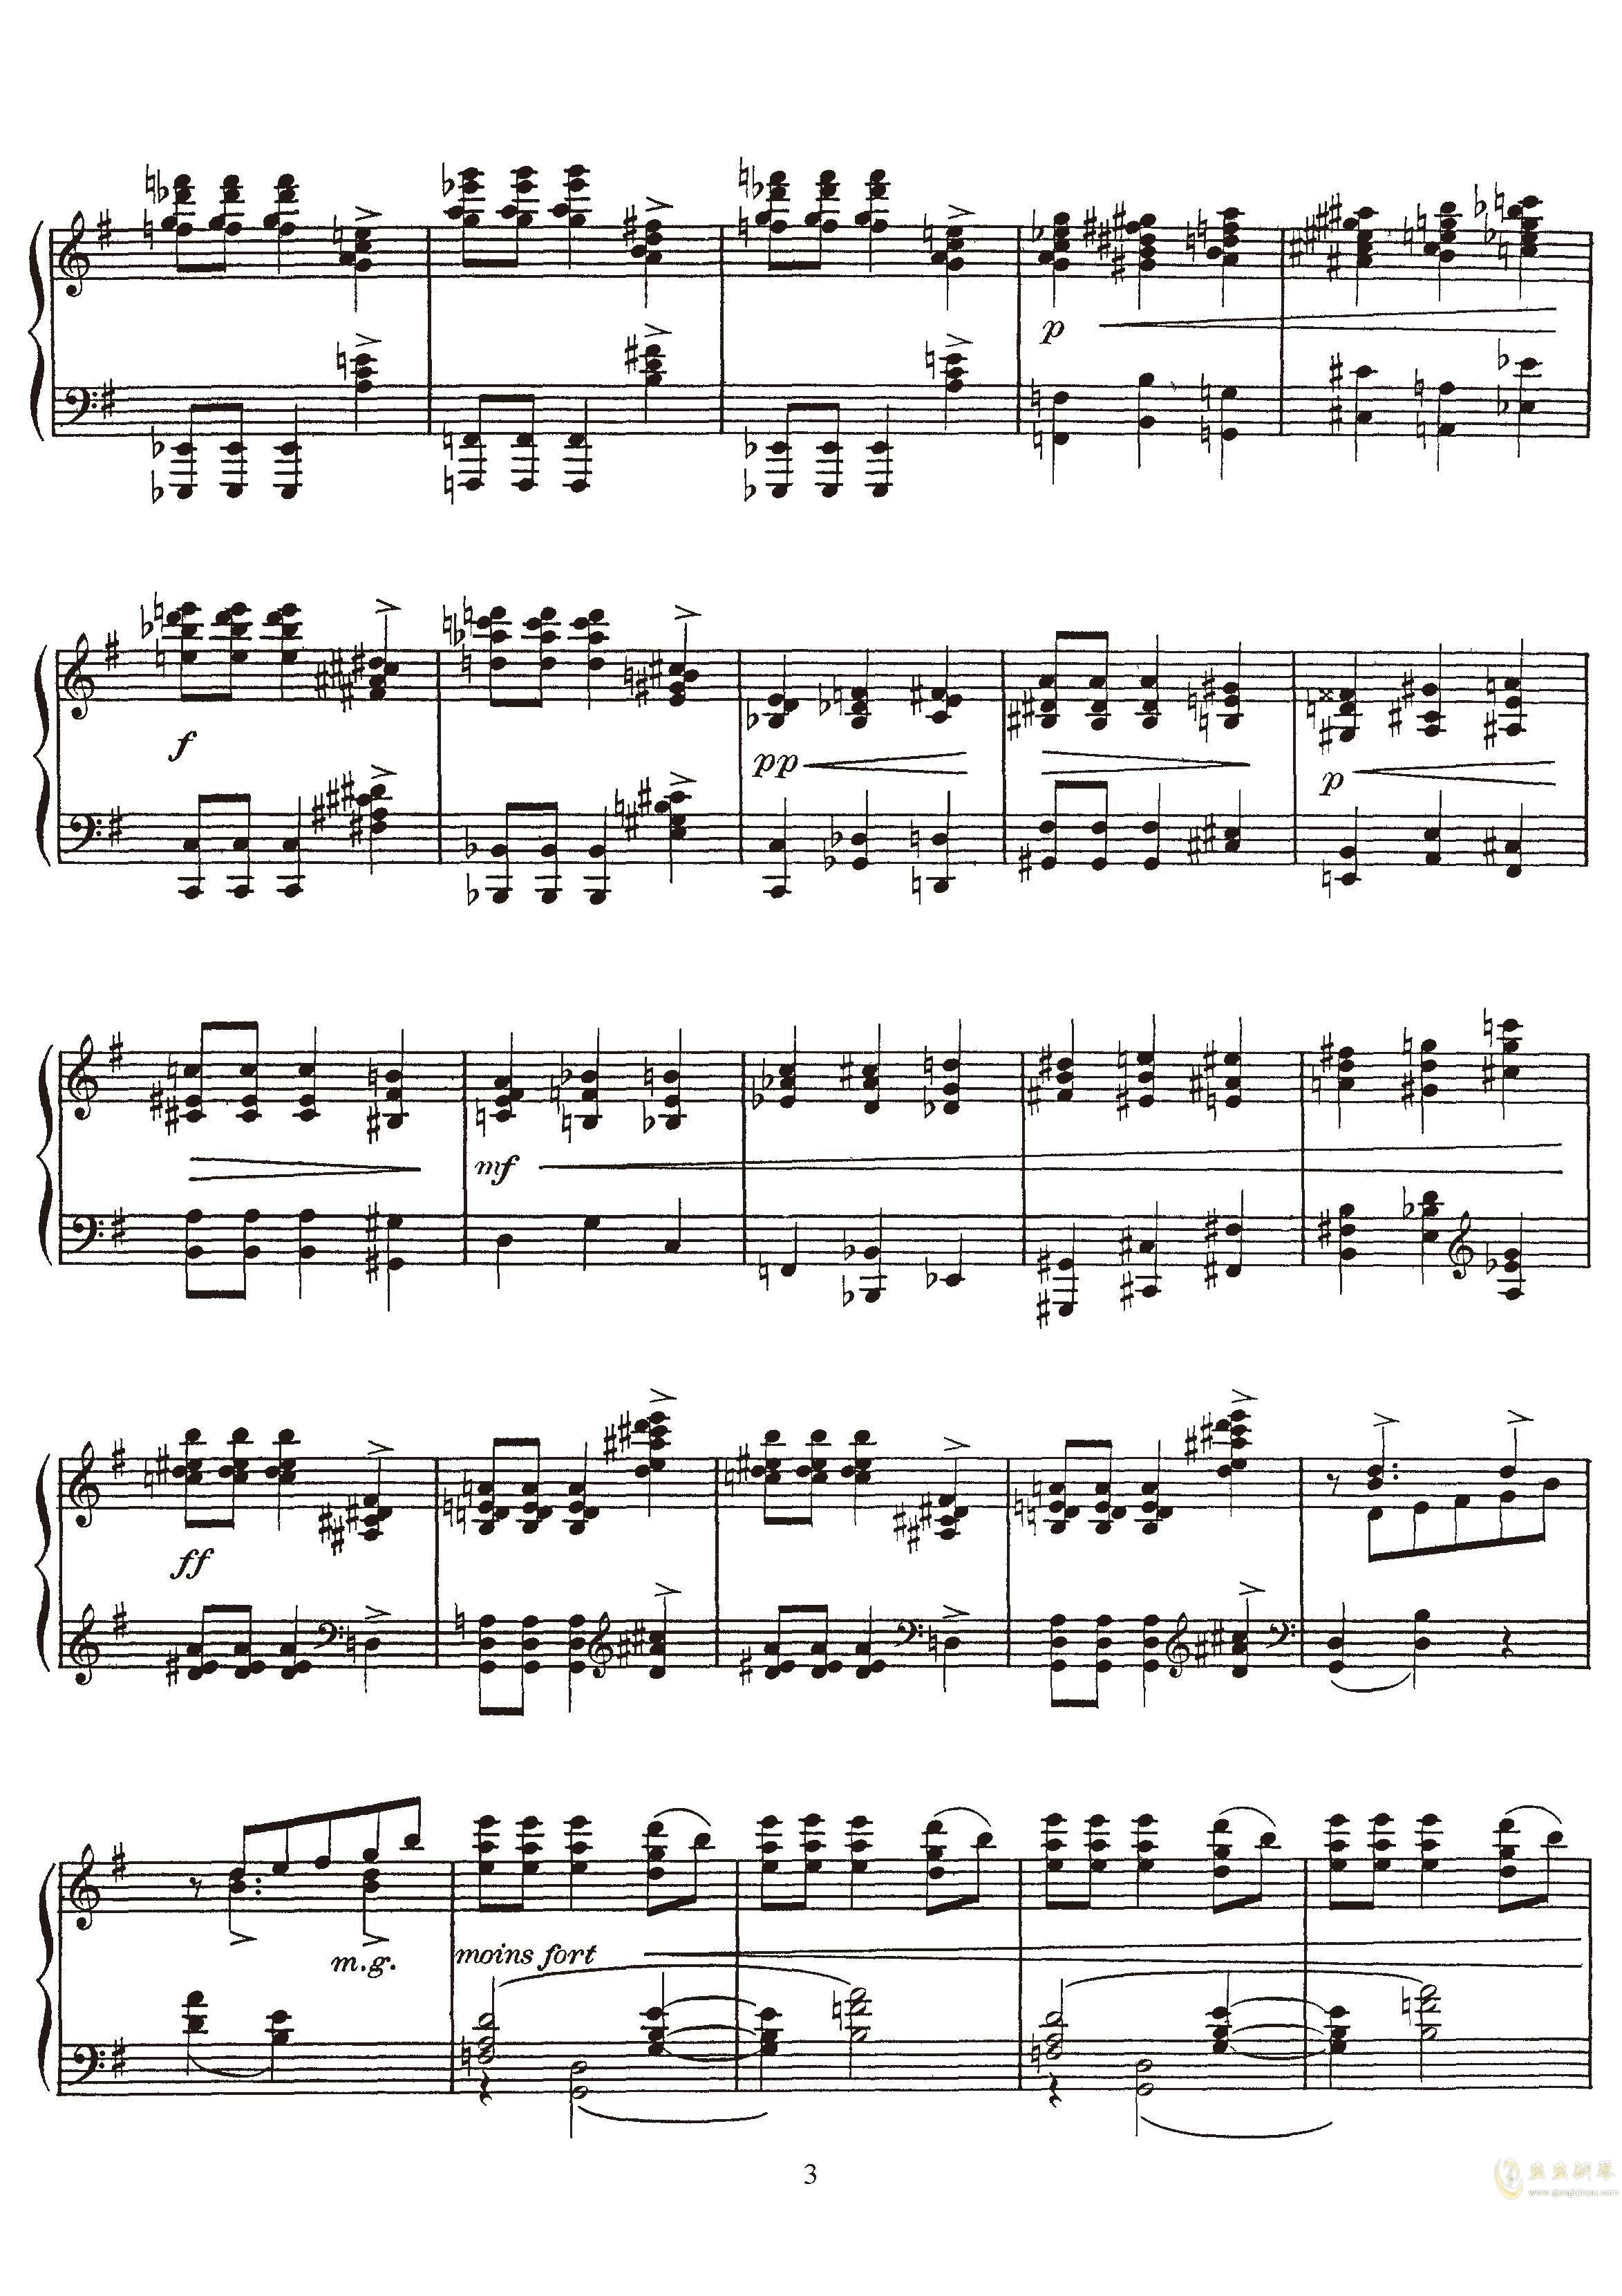 高贵而伤感的圆舞曲钢琴谱 第3页